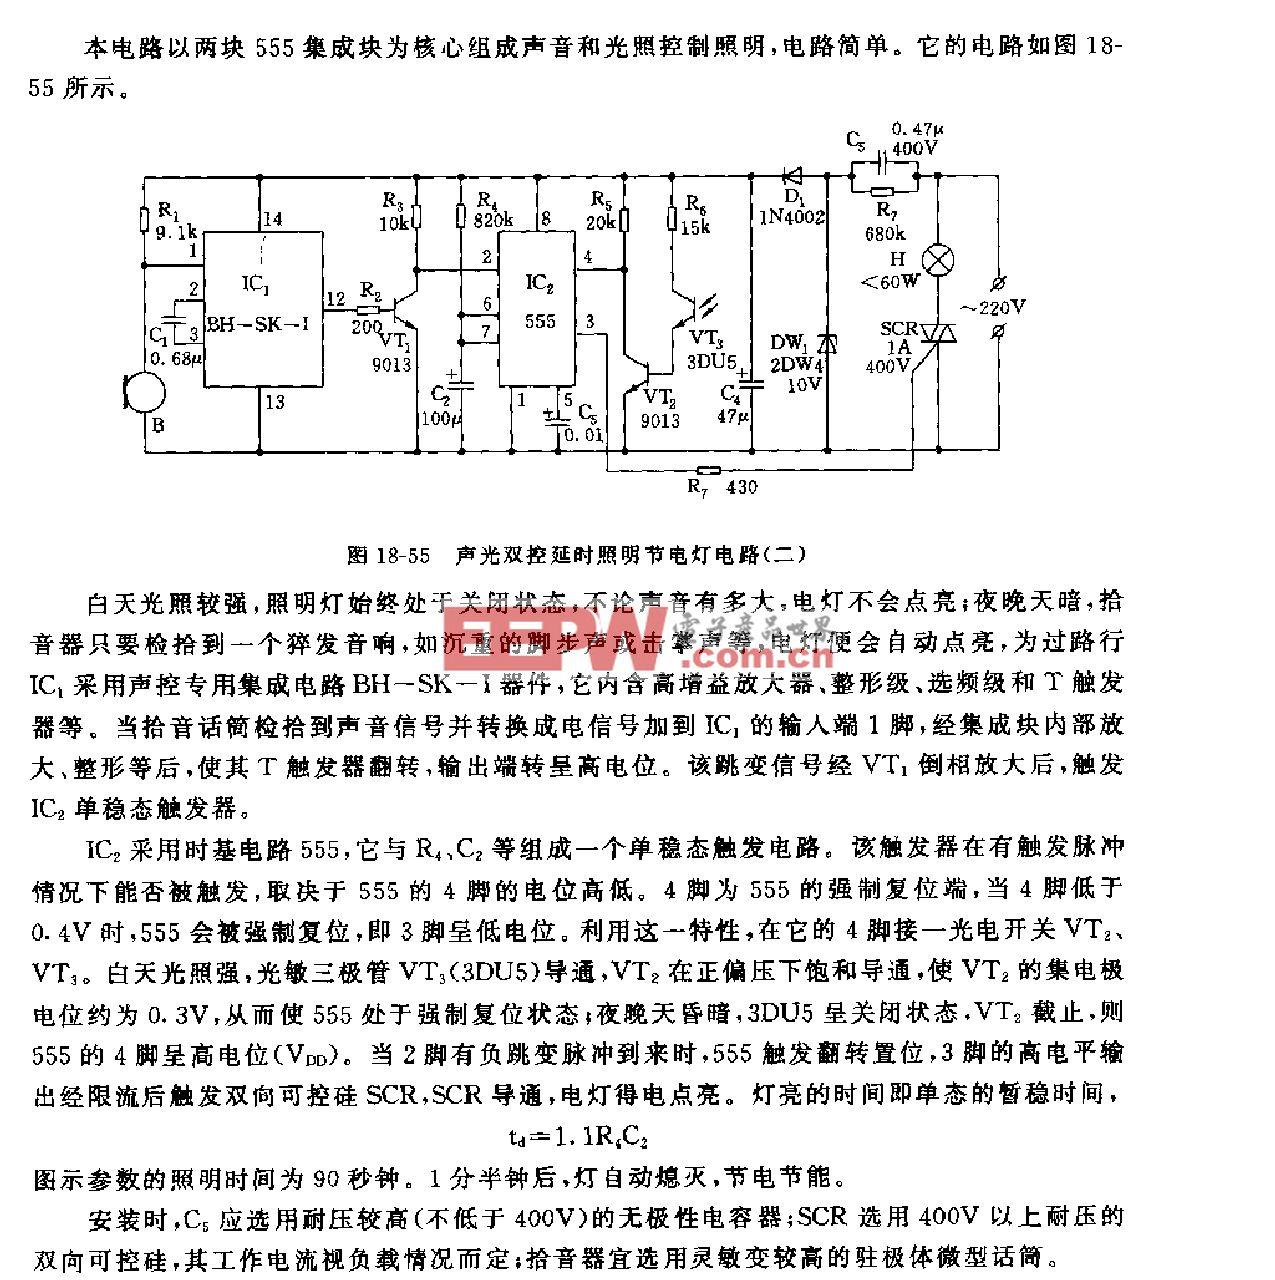 555聲光雙控延時照明節電燈電路(二)